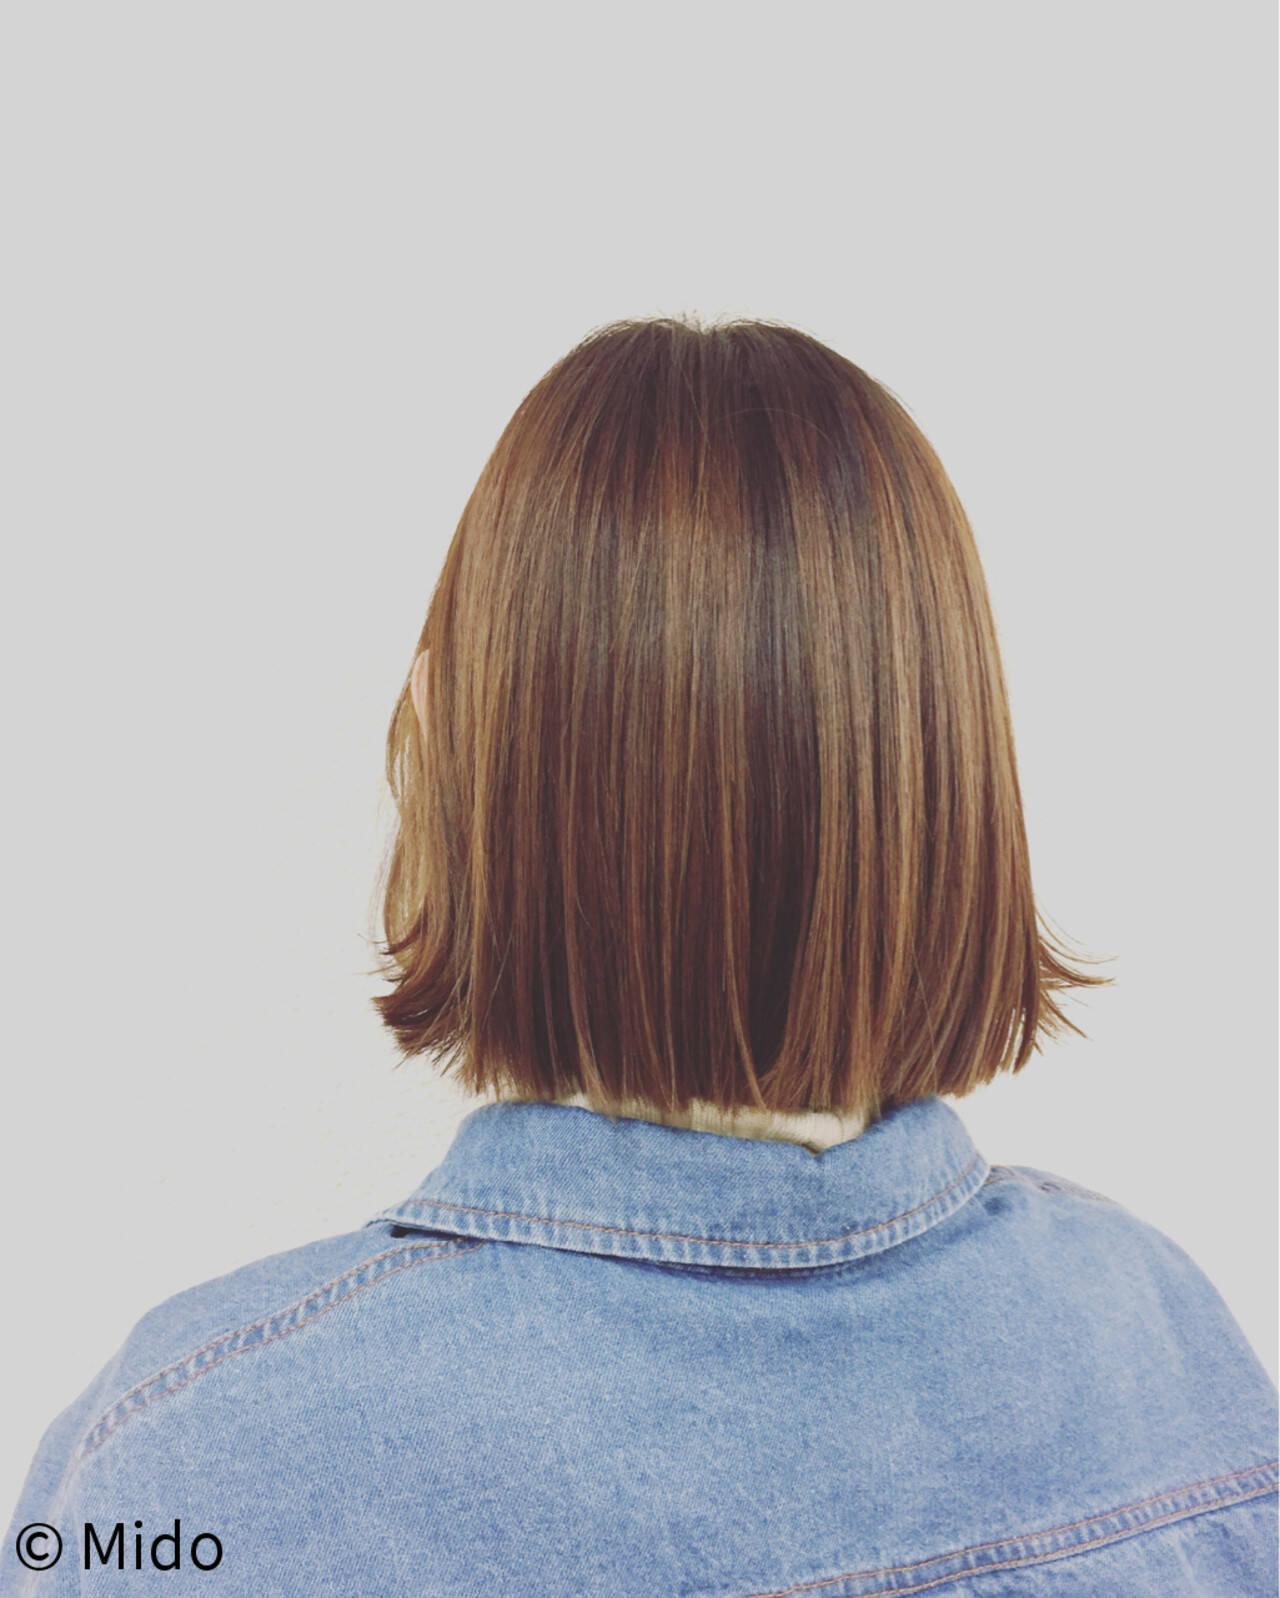 ナチュラル ニュアンス 外ハネ ブラントカットヘアスタイルや髪型の写真・画像